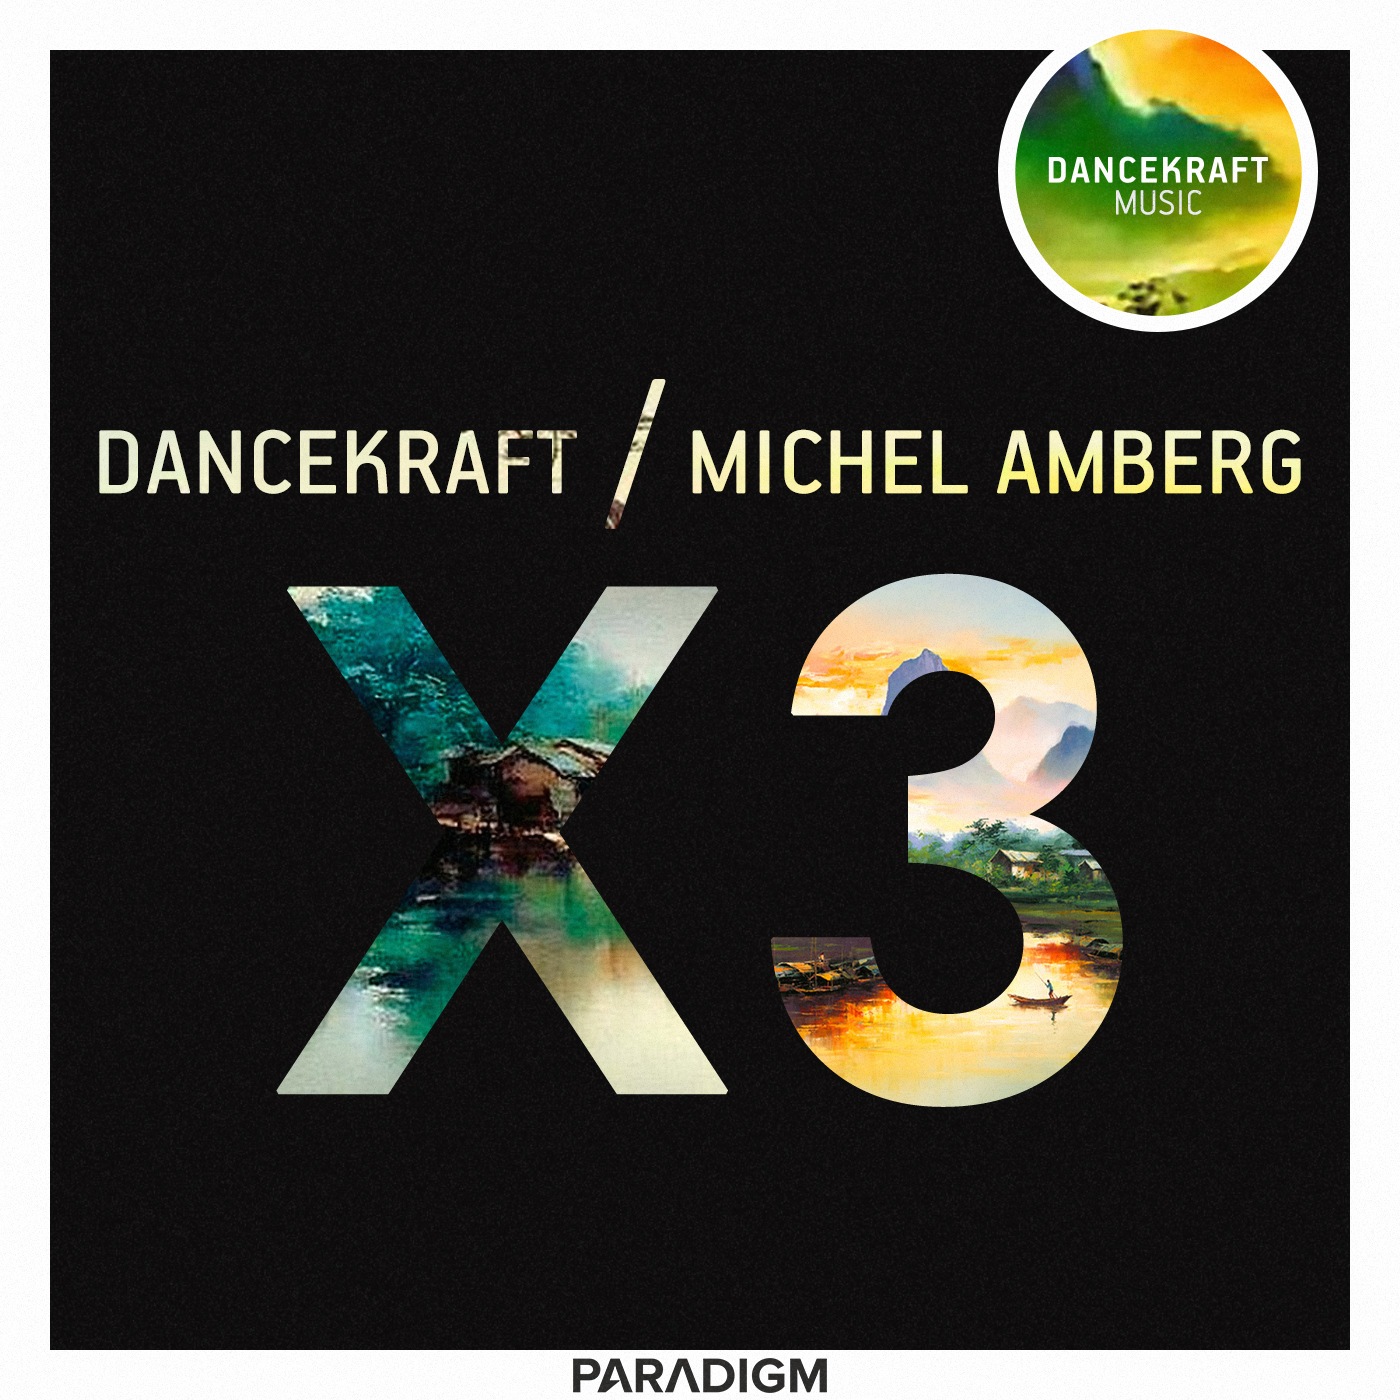 DANCEKRAFT AMBERG NEVER LET YOU GO СКАЧАТЬ БЕСПЛАТНО